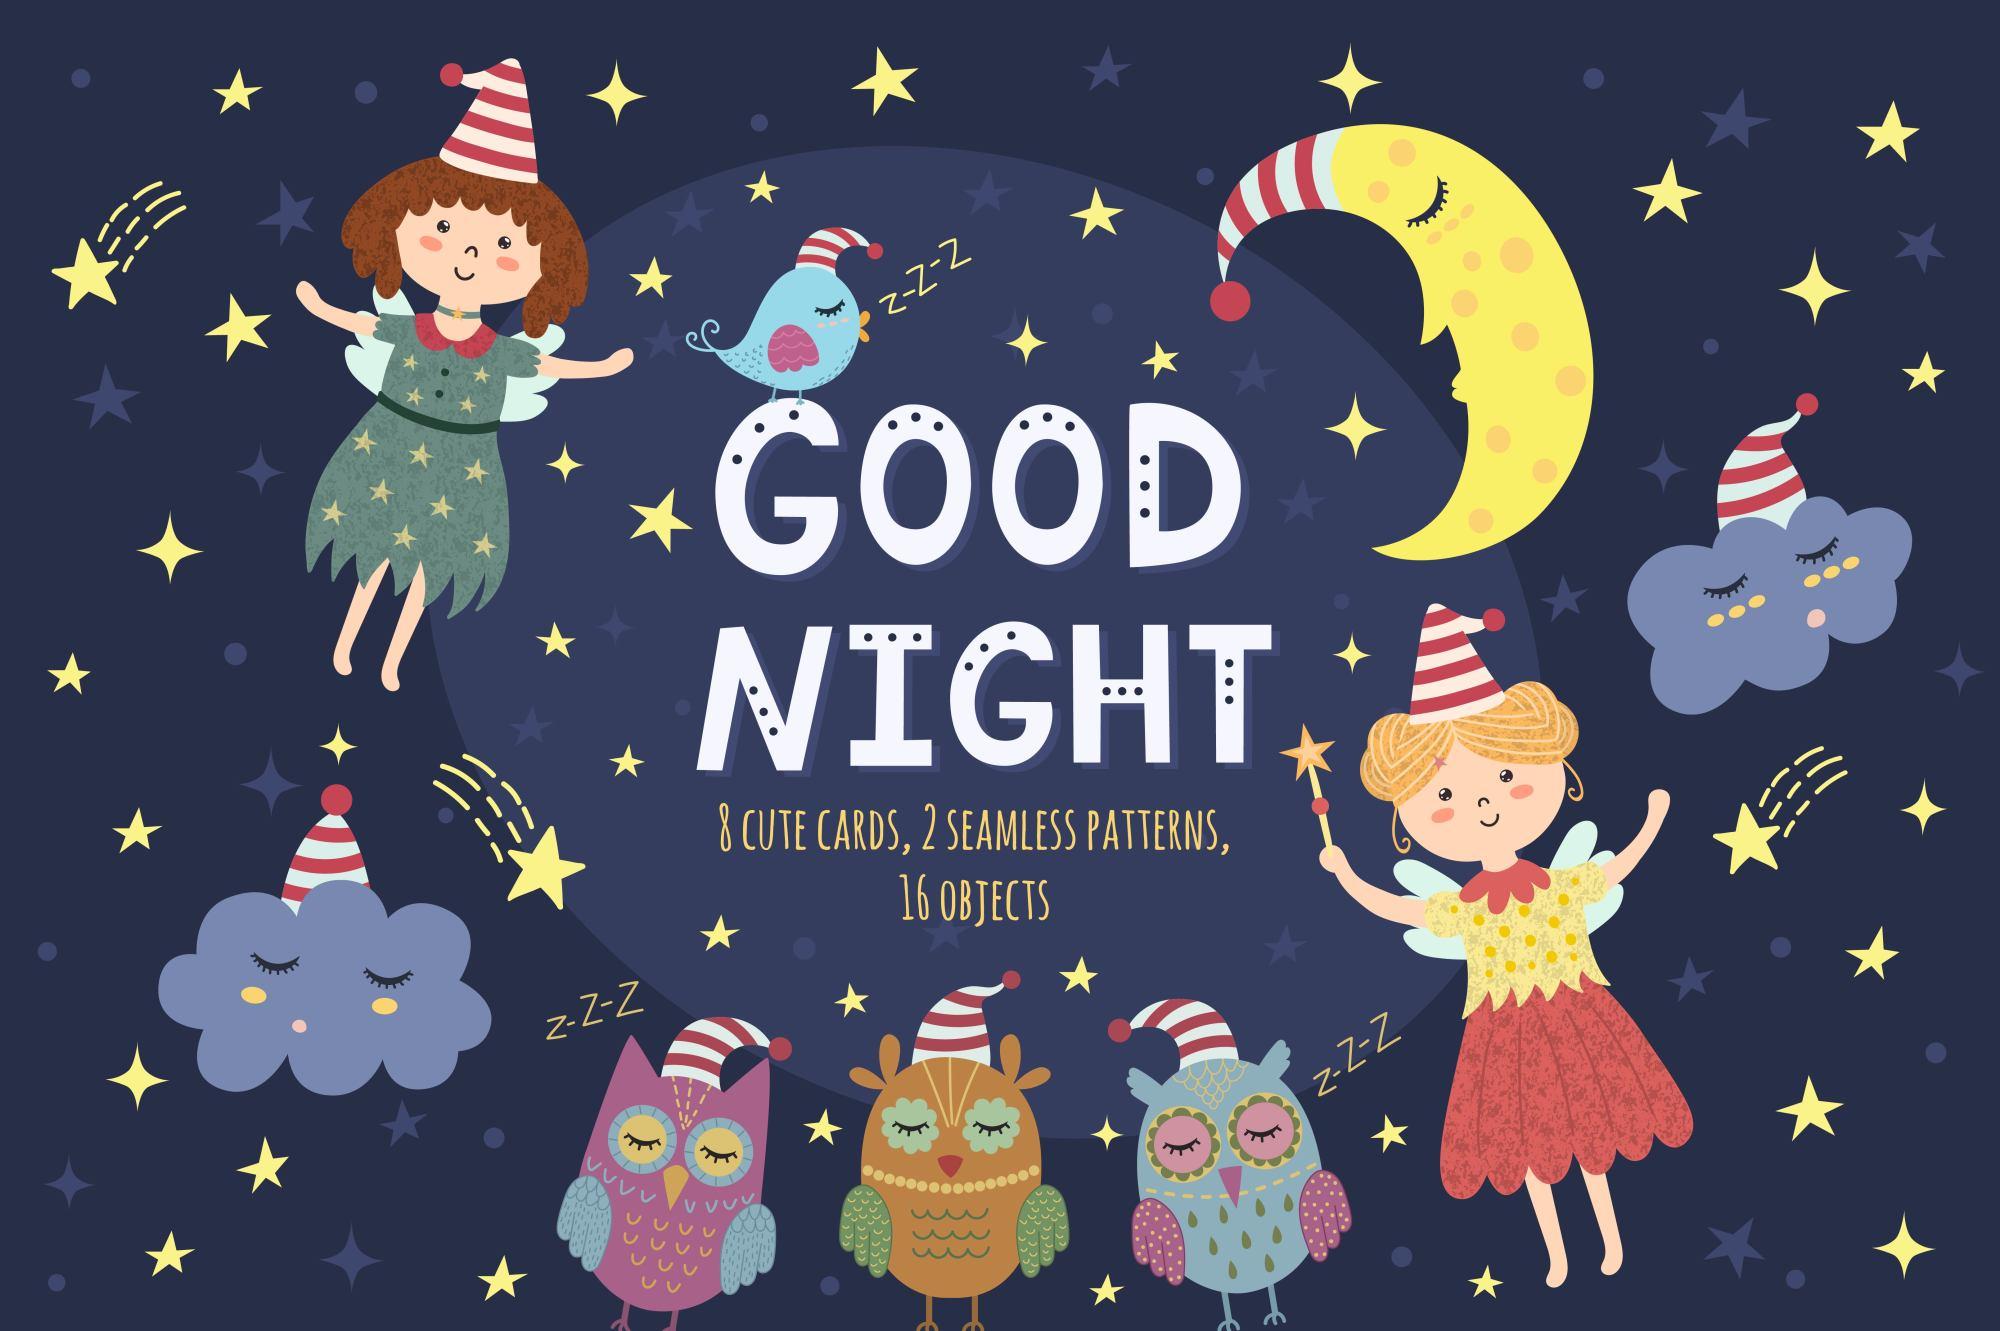 Good Night Patterns Cards By Juliyas Design Bundles